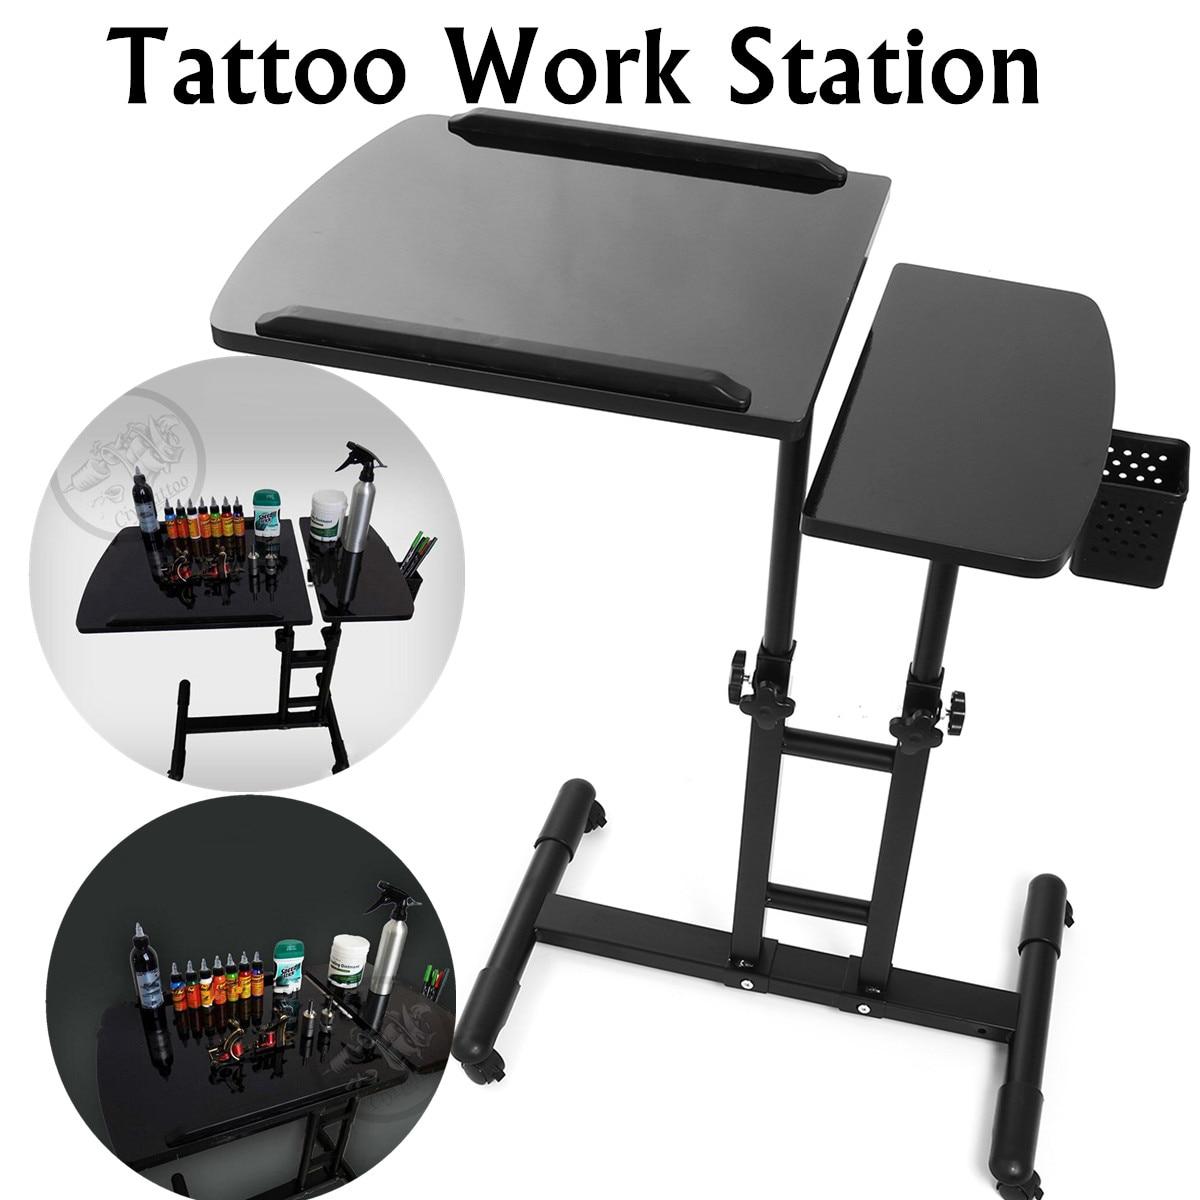 65-97 см черный Регулируемый салон маникюрные столики Татуировка ногтей Рабочий стол для компьютера; стол Трассировка чертеж рабочая станция Стенд